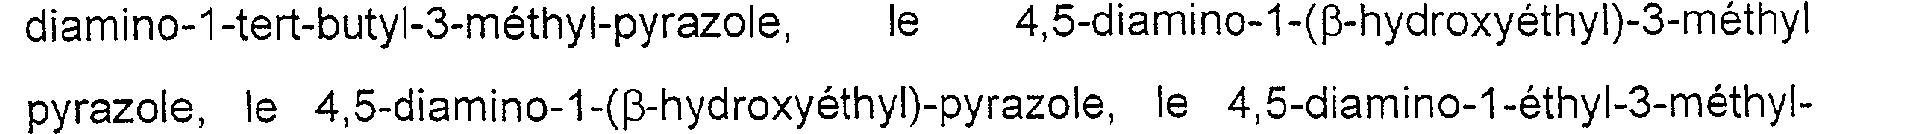 Figure img00290001